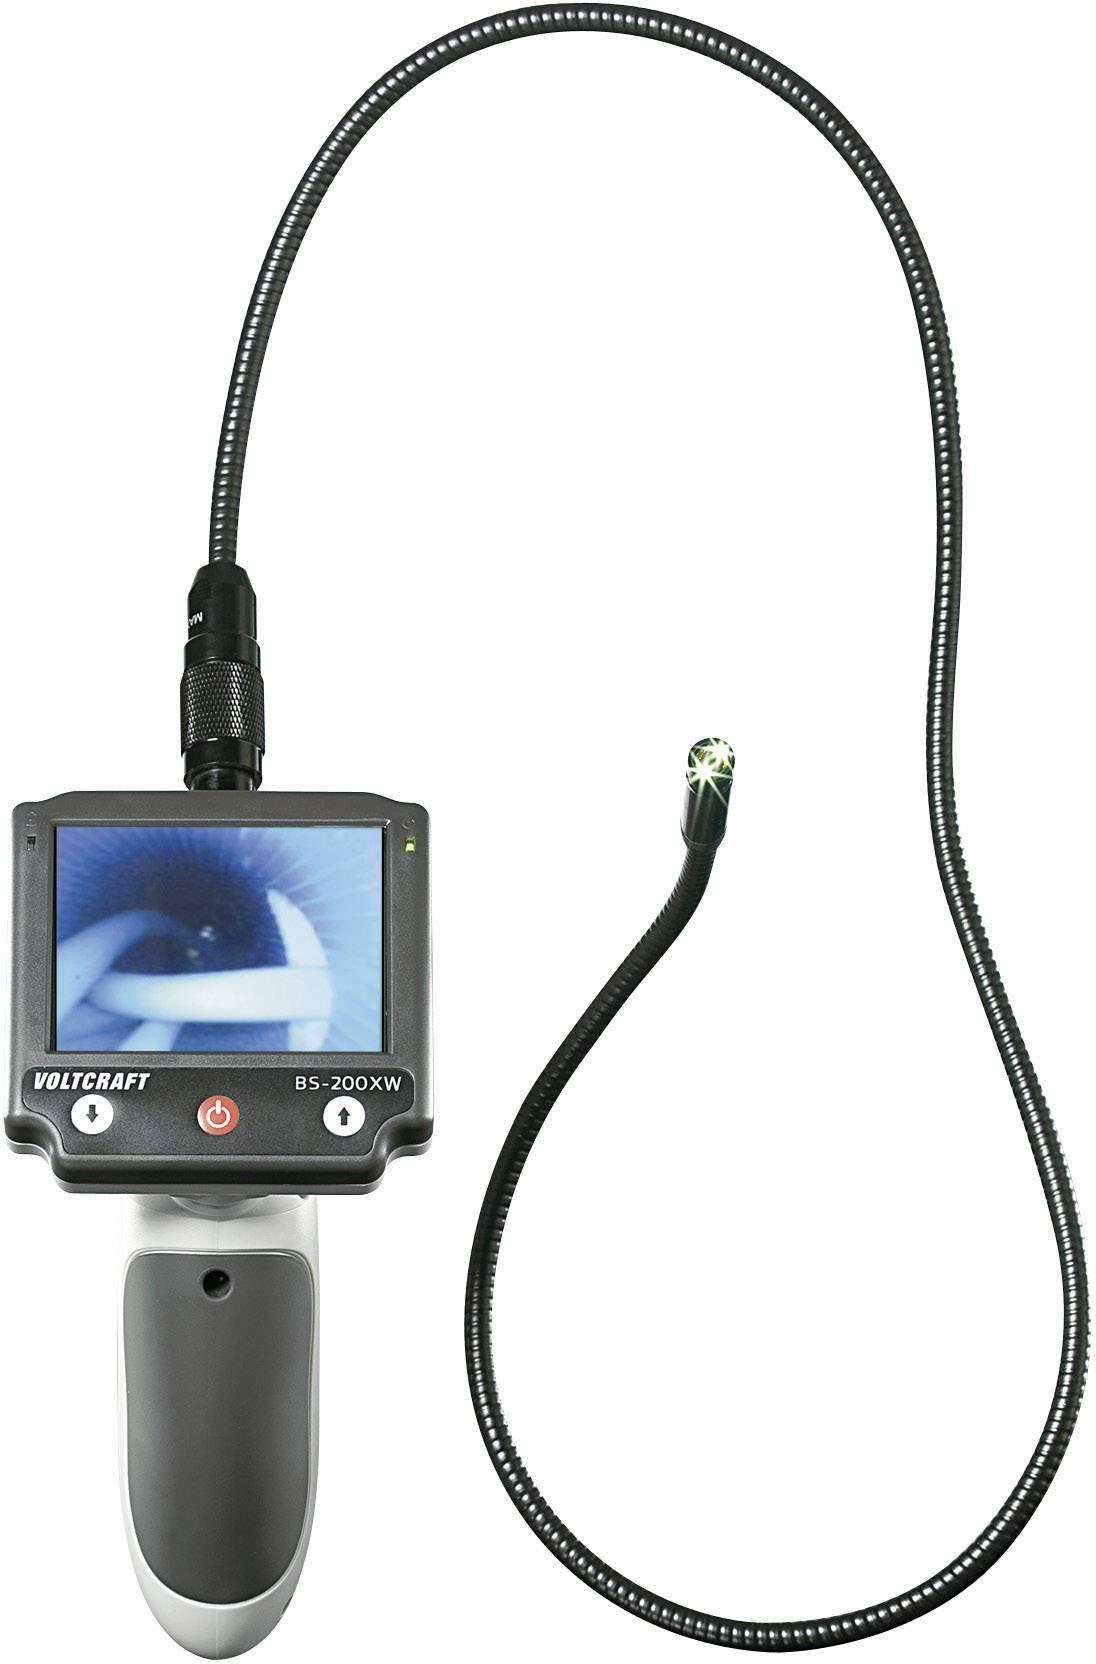 Endoskop s odnímatelným displejom VOLTCRAFT BS-200XW, Ø sondy 9.8 mm, délka sondy 88 cm